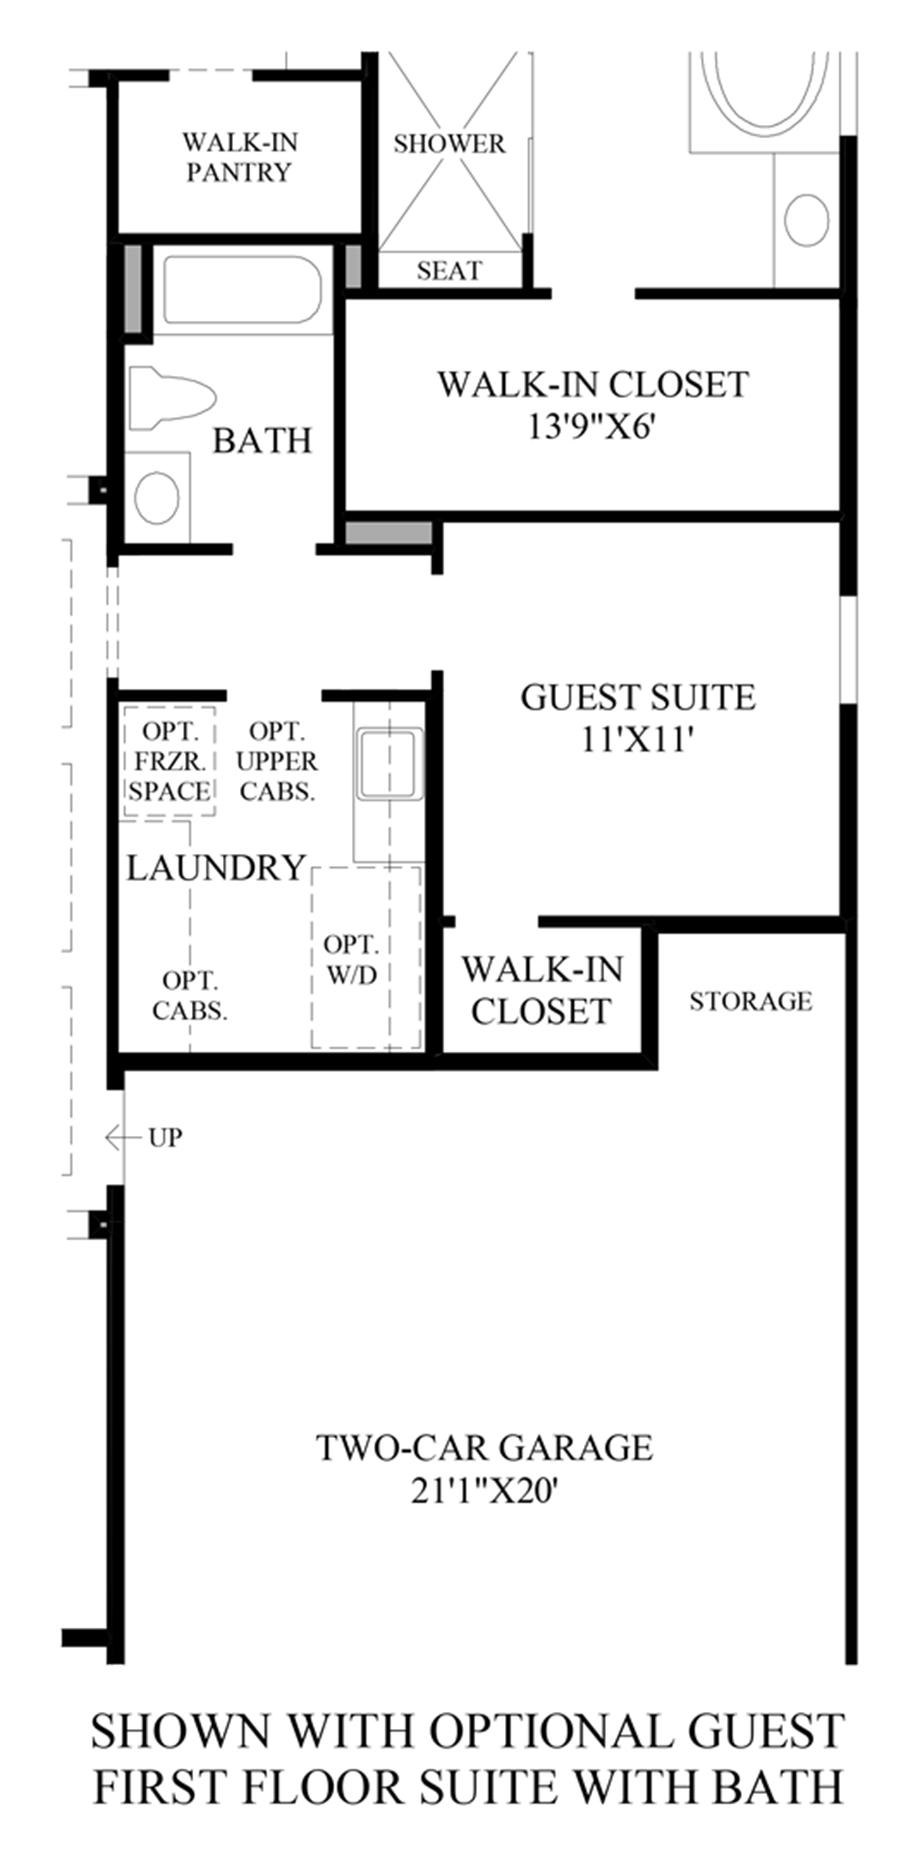 Optional Guest Suite w/ Bath (1st Floor) Floor Plan